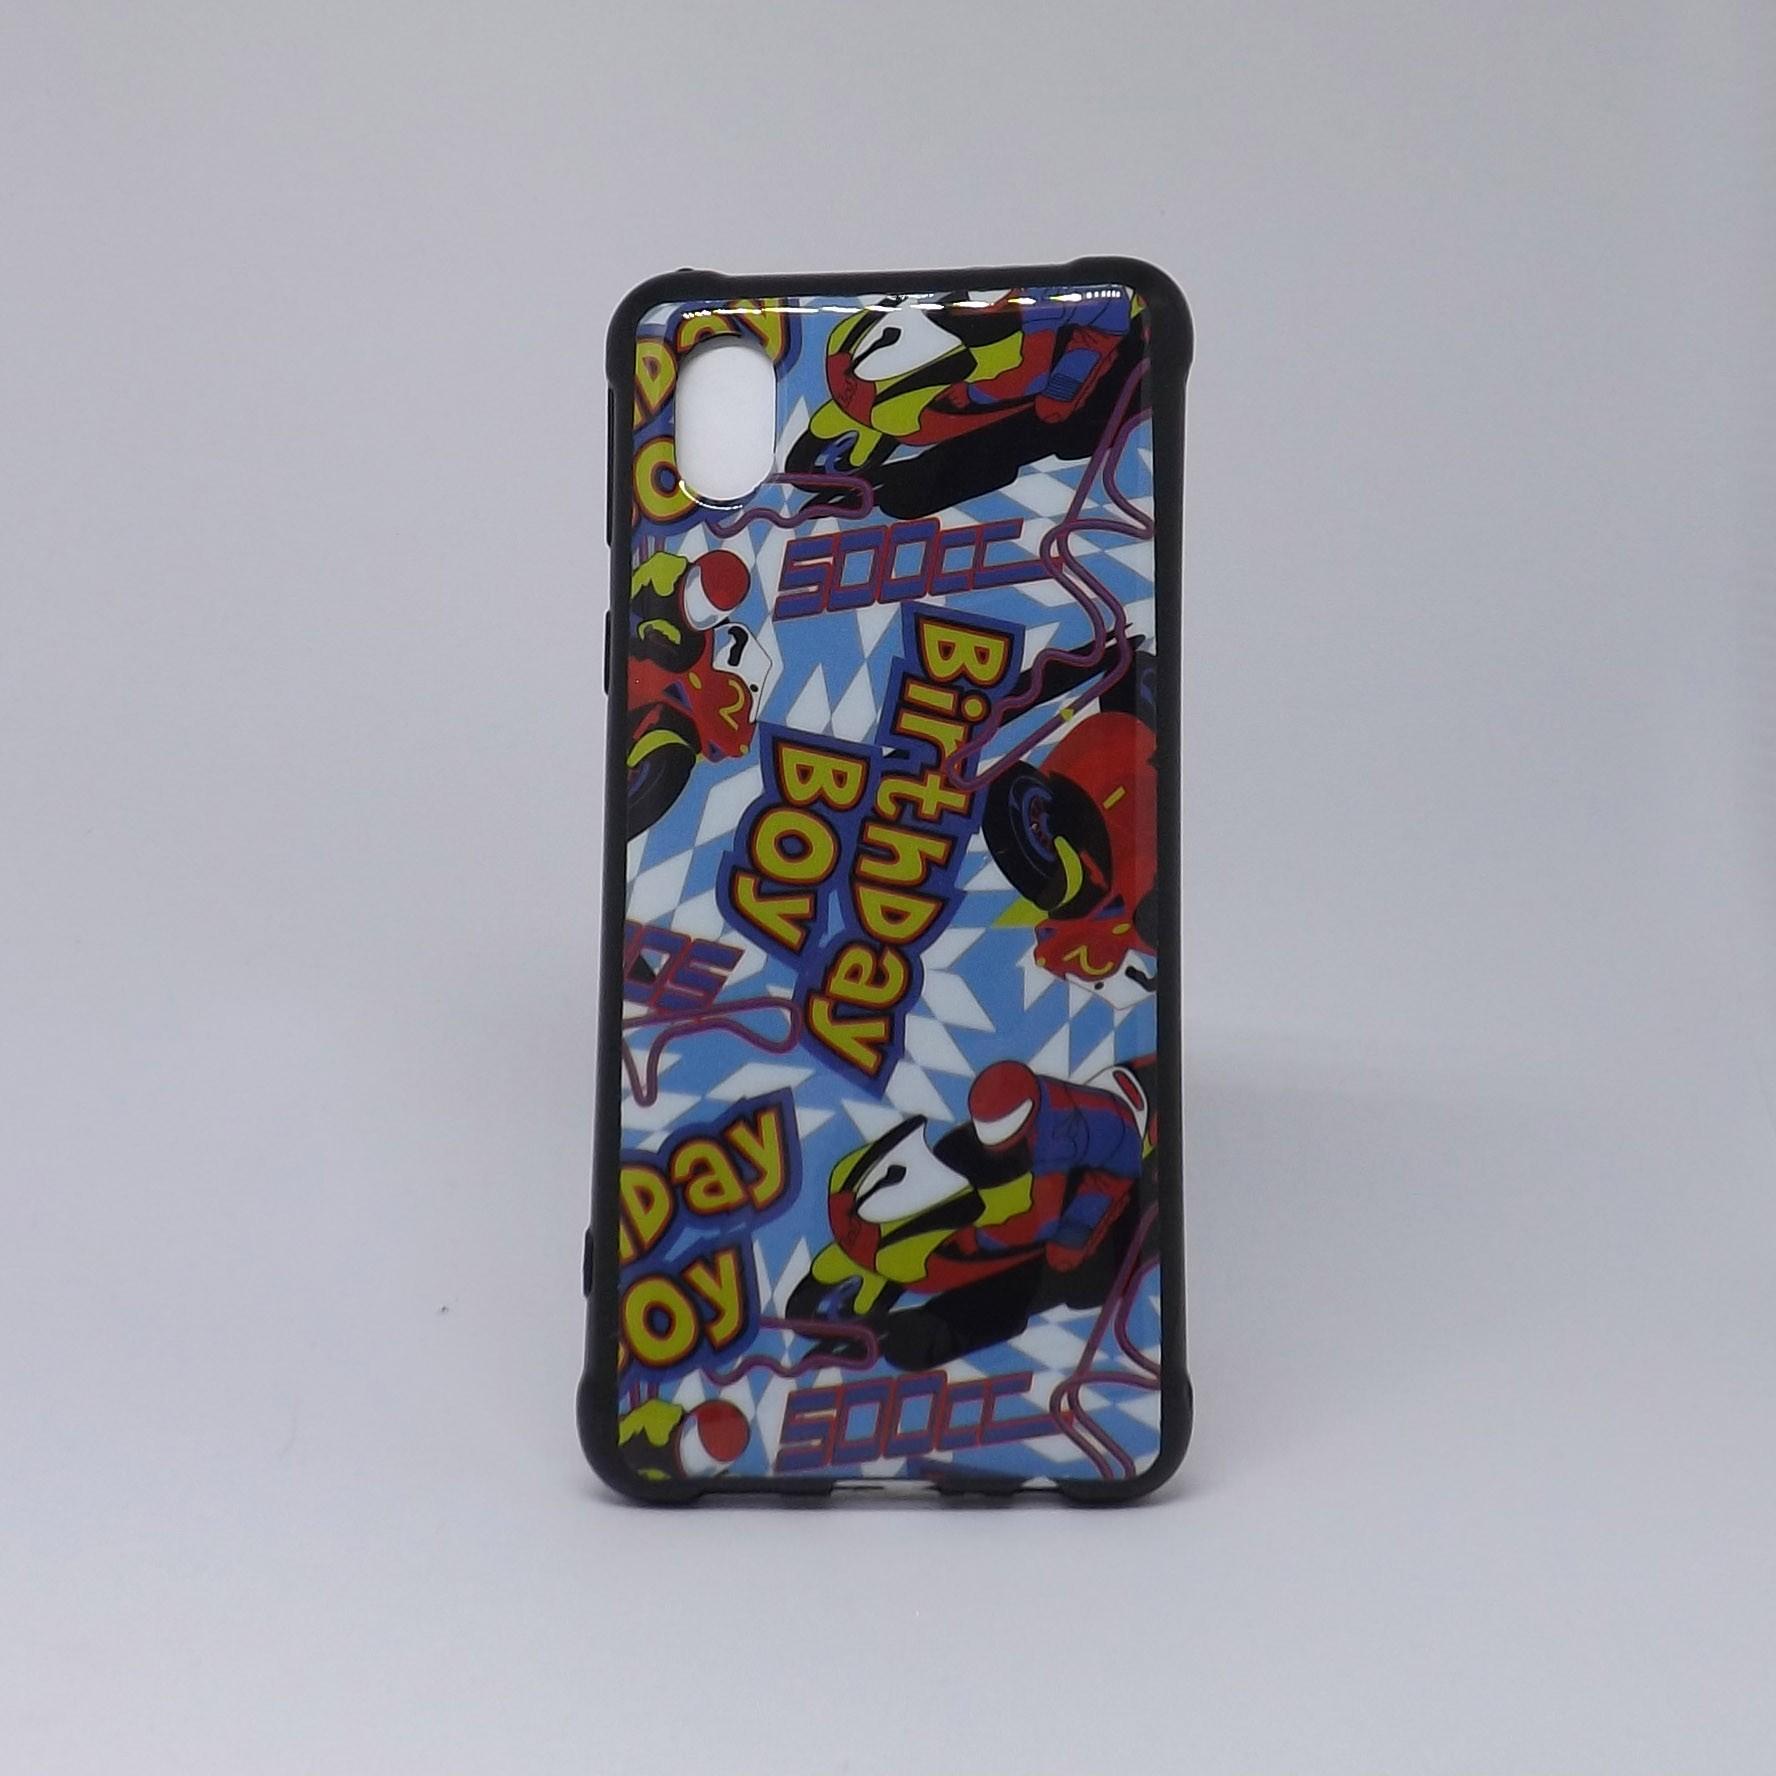 Capa Samsung Galaxy A01 Fumê Estampada